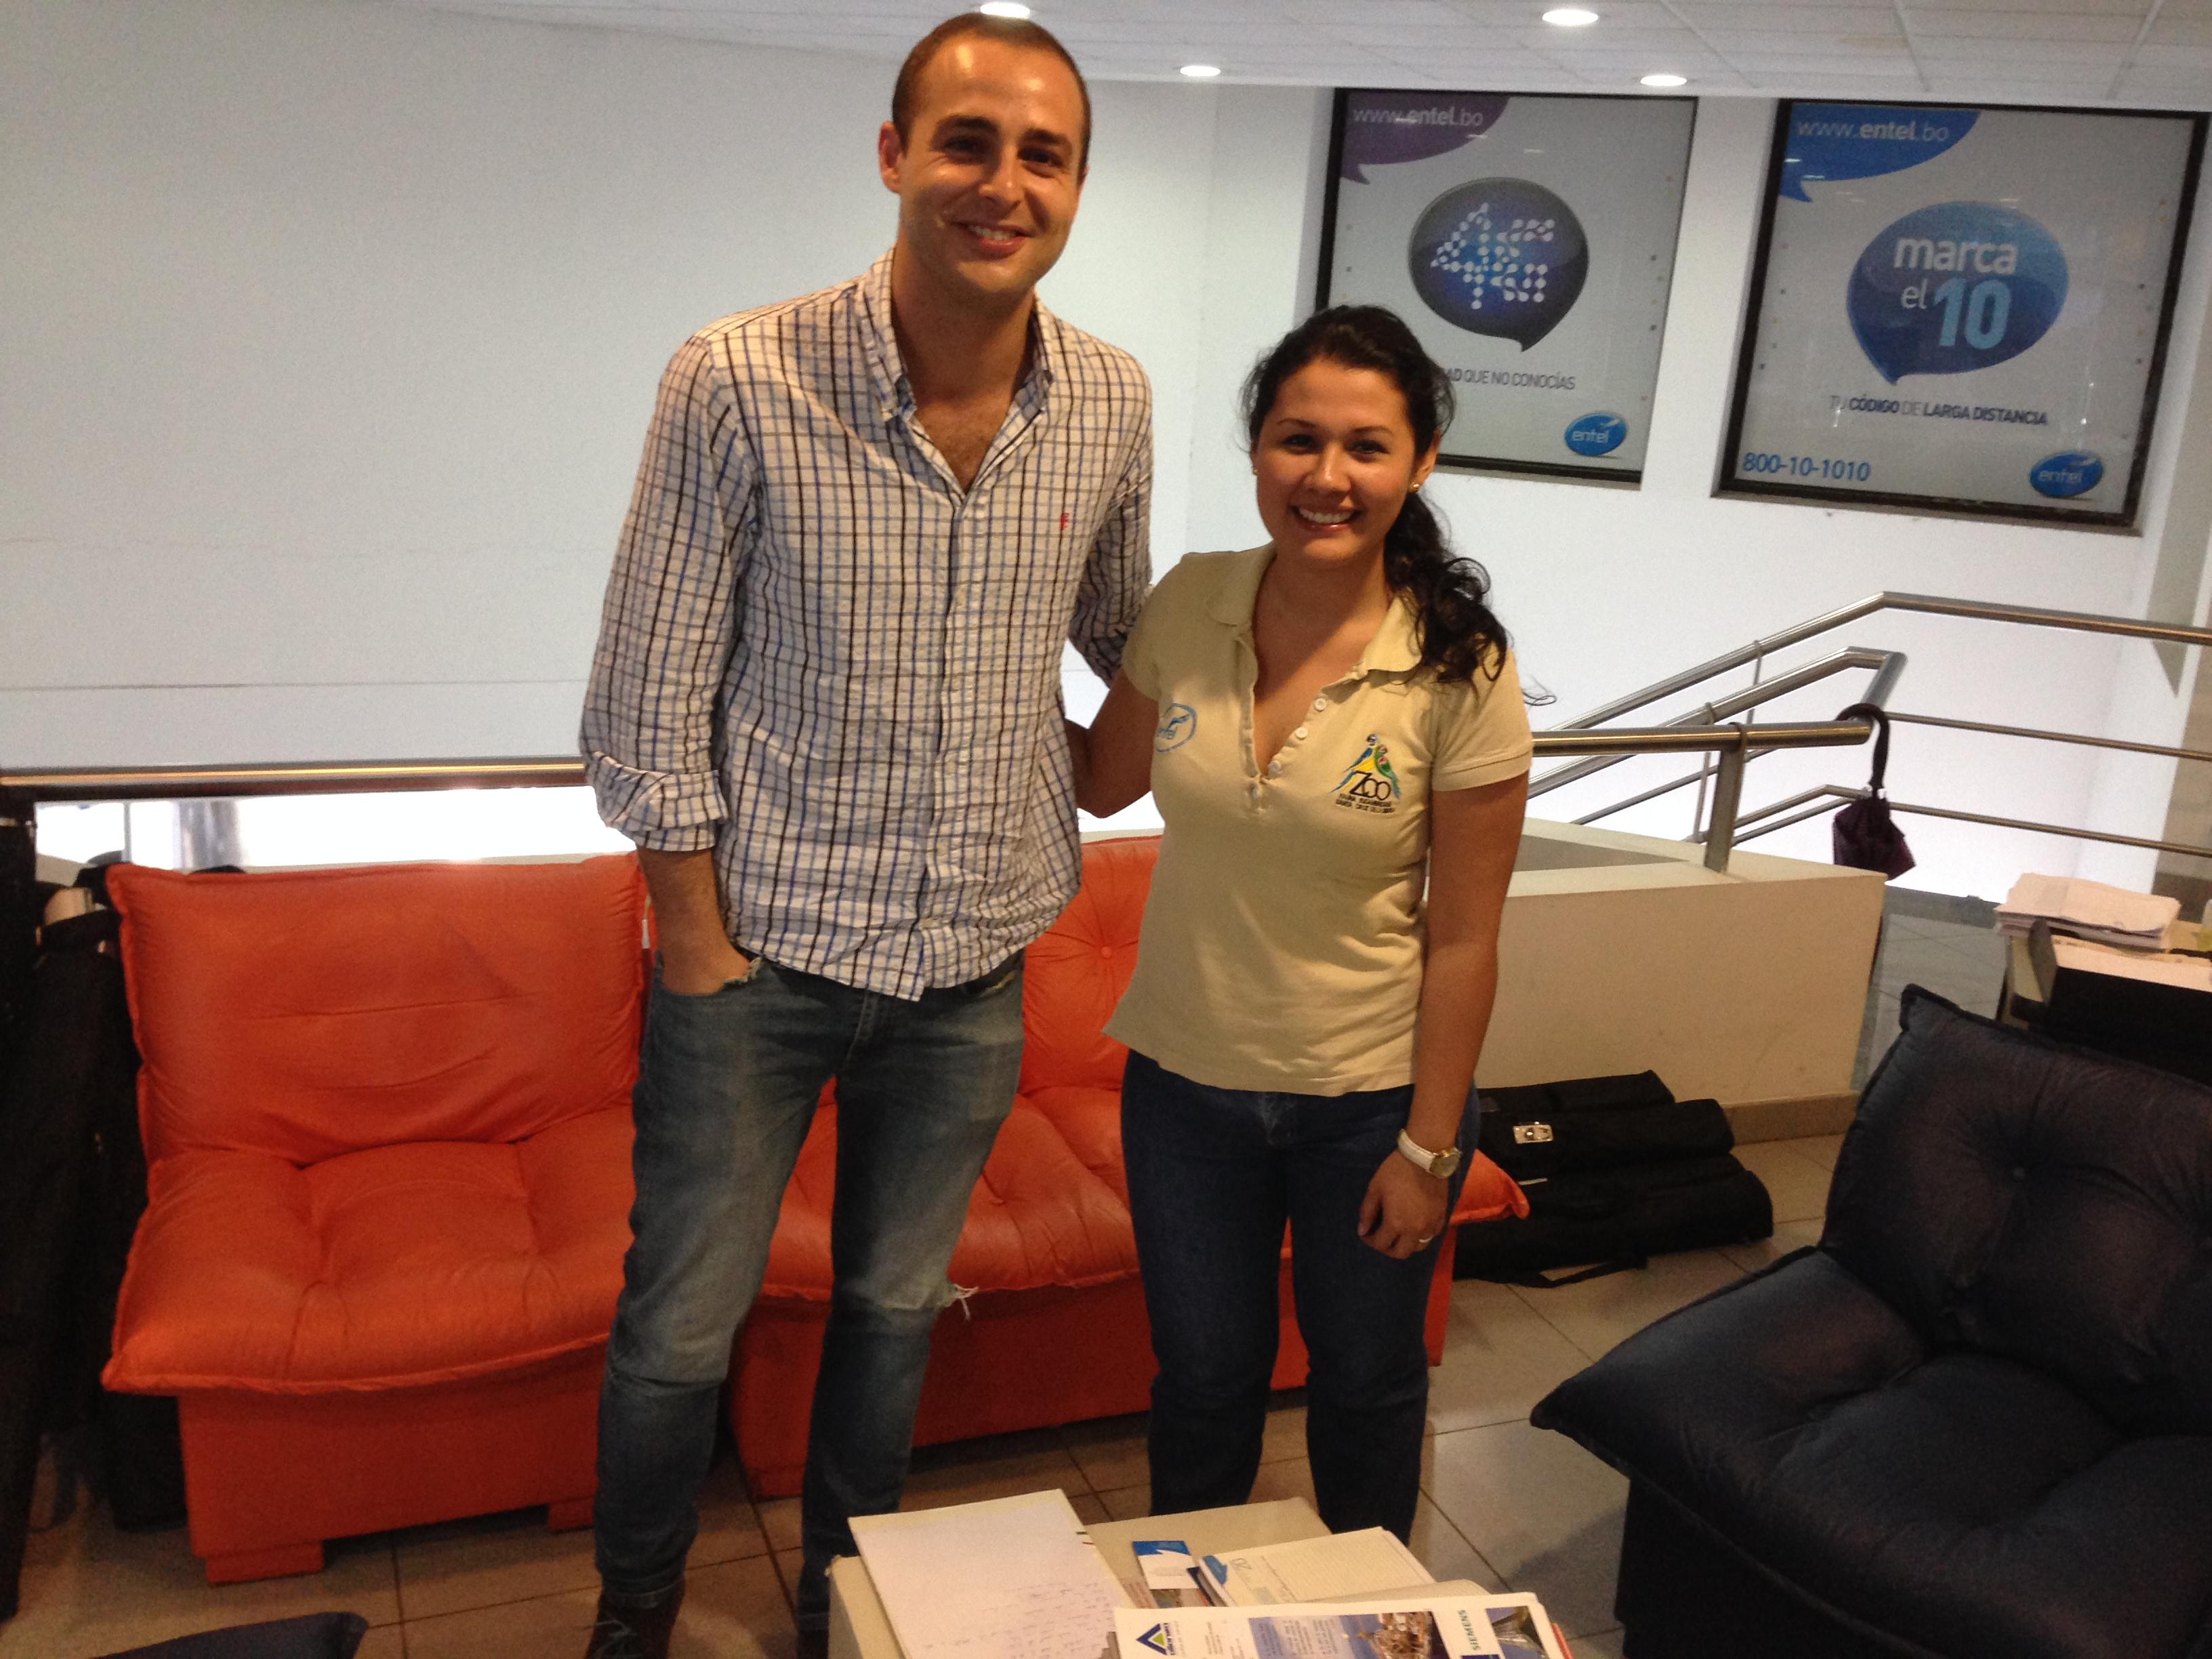 Con Carla Aparicio (Analista de Soporte Comercial, Publicidad y Comunicación Regional) de Entel